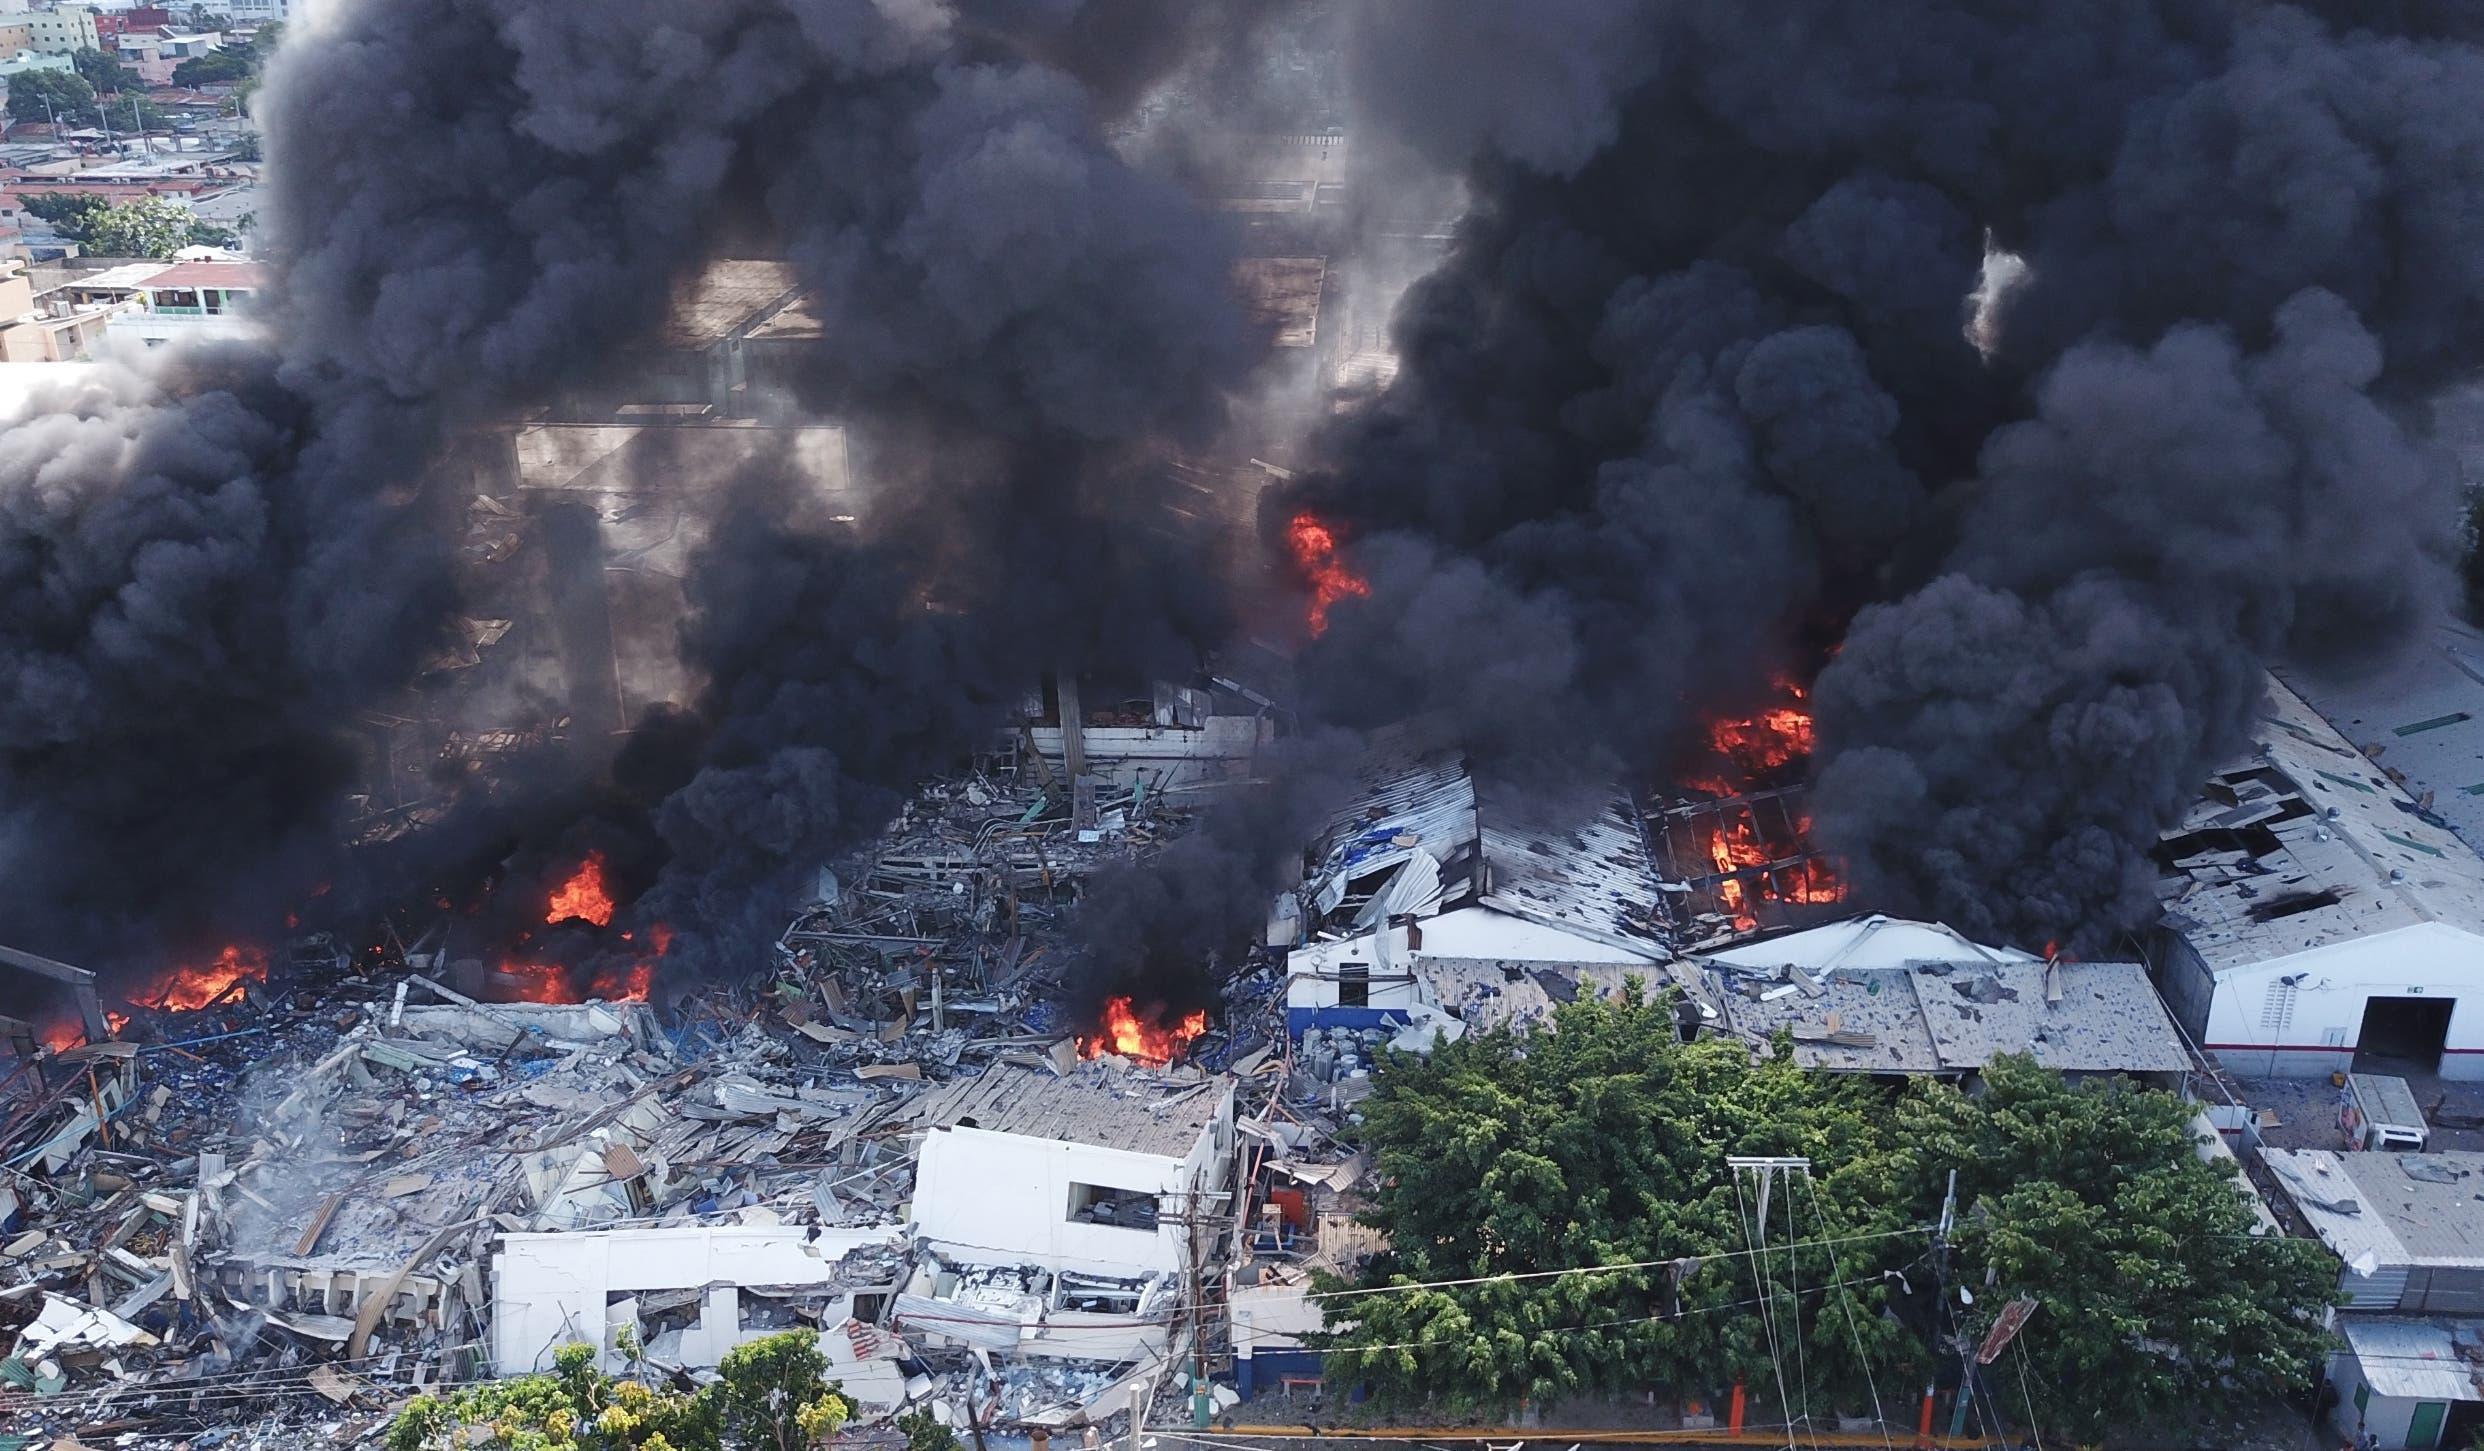 Una panorámica de las llamas que destruyeron las instalaciones de la empresa, tras la explosión que provocó alarma en los alrededores de Villas Agrícolas. Jovanny Kranwinkel